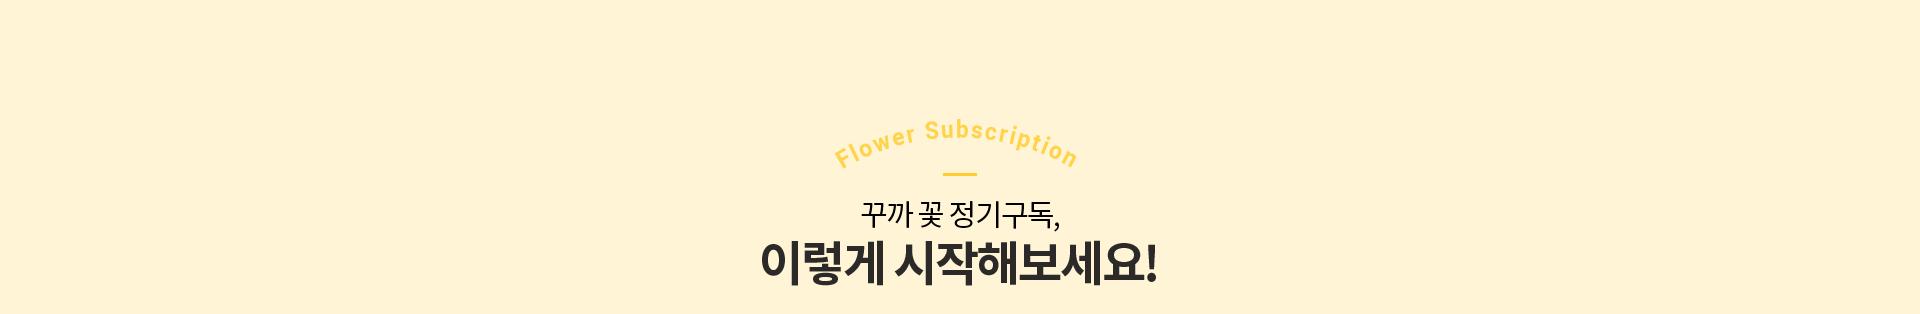 꾸까 꽃 정기구독 이렇게 시작해보세요!